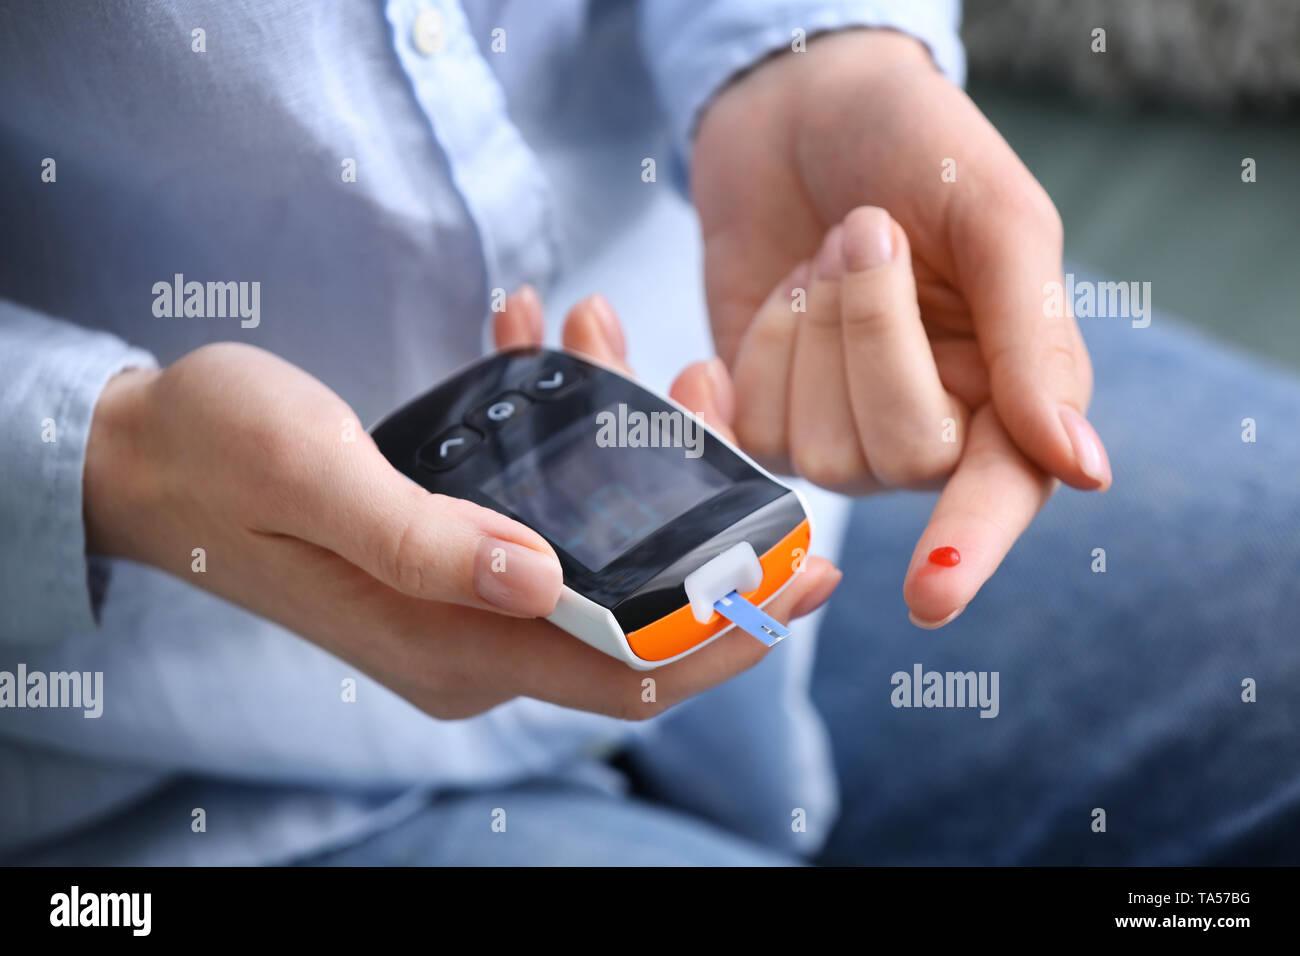 Diabetic woman using digital glucometer, closeup - Stock Image